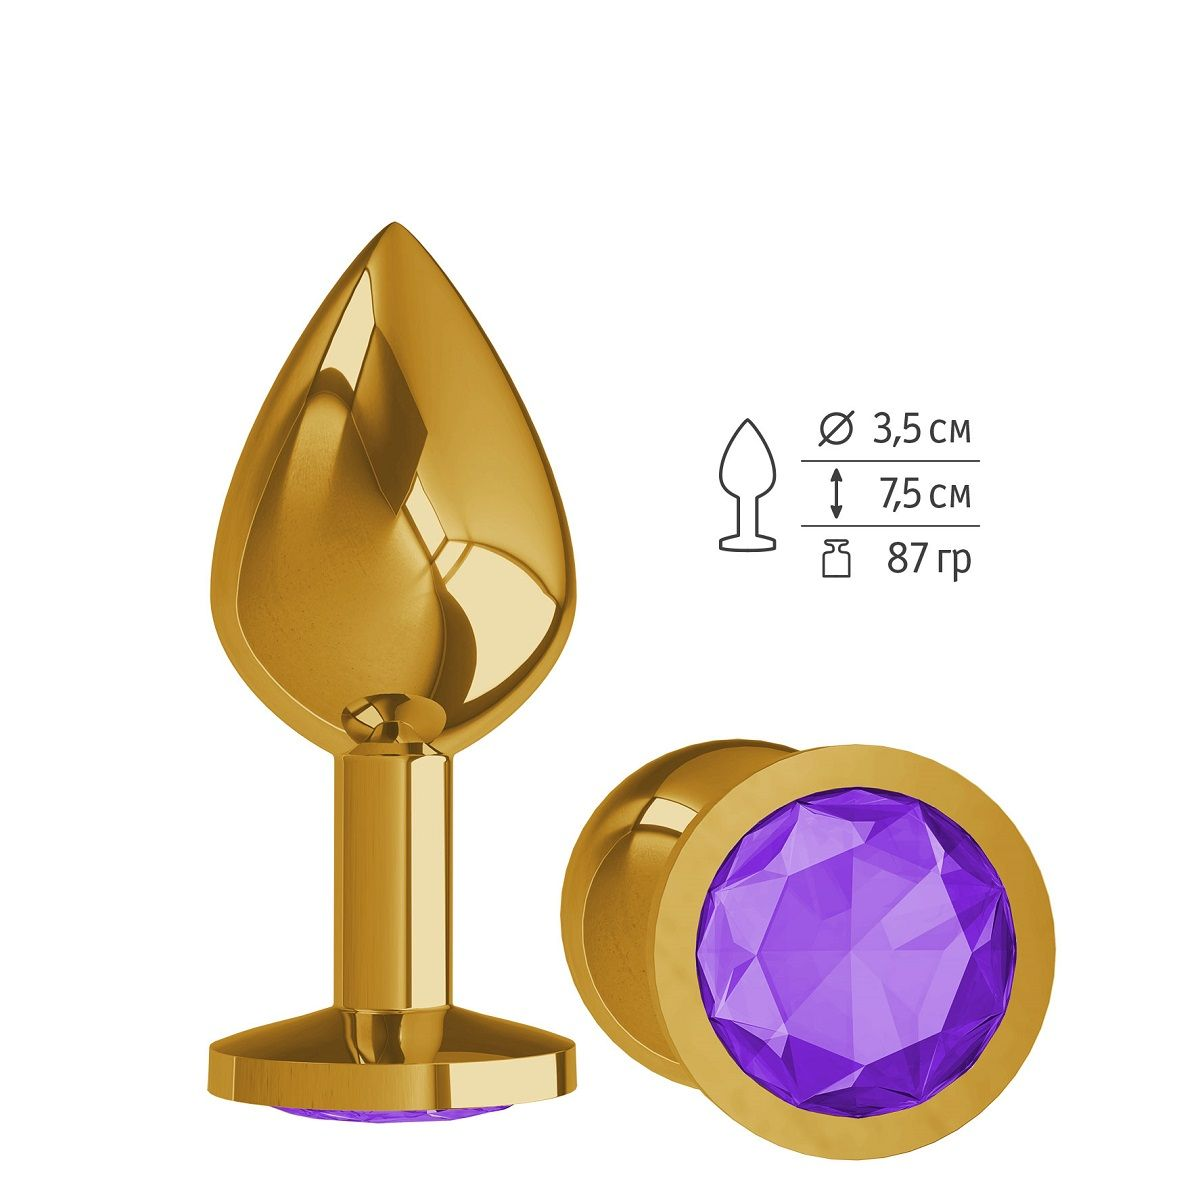 Золотистая средняя пробка с фиолетовым кристаллом - 8,5 см. 520-08 purple-DD от Сумерки богов